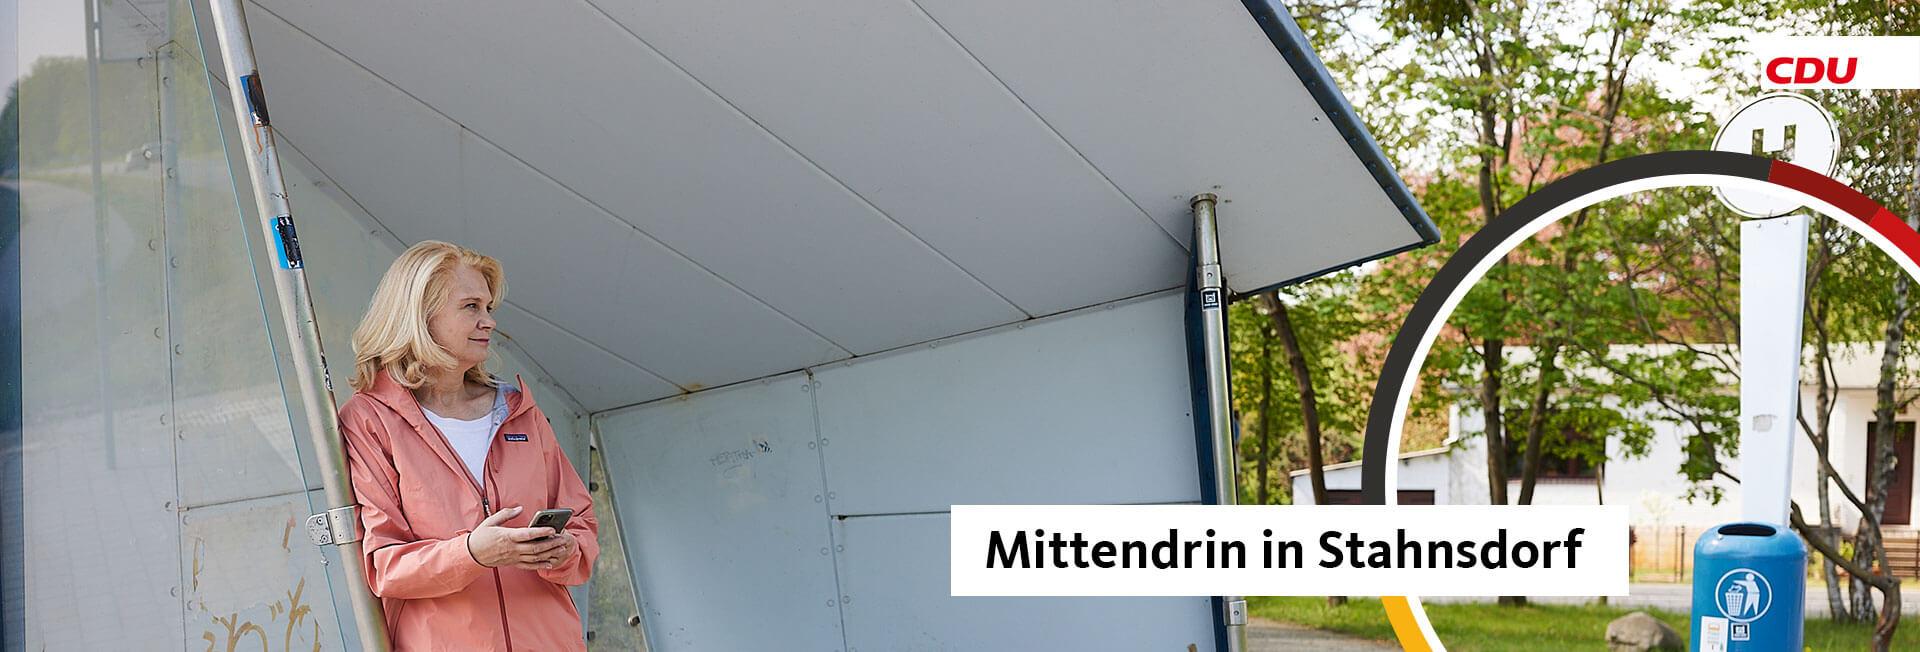 Mein Wahlkreis - Stahnsdorf